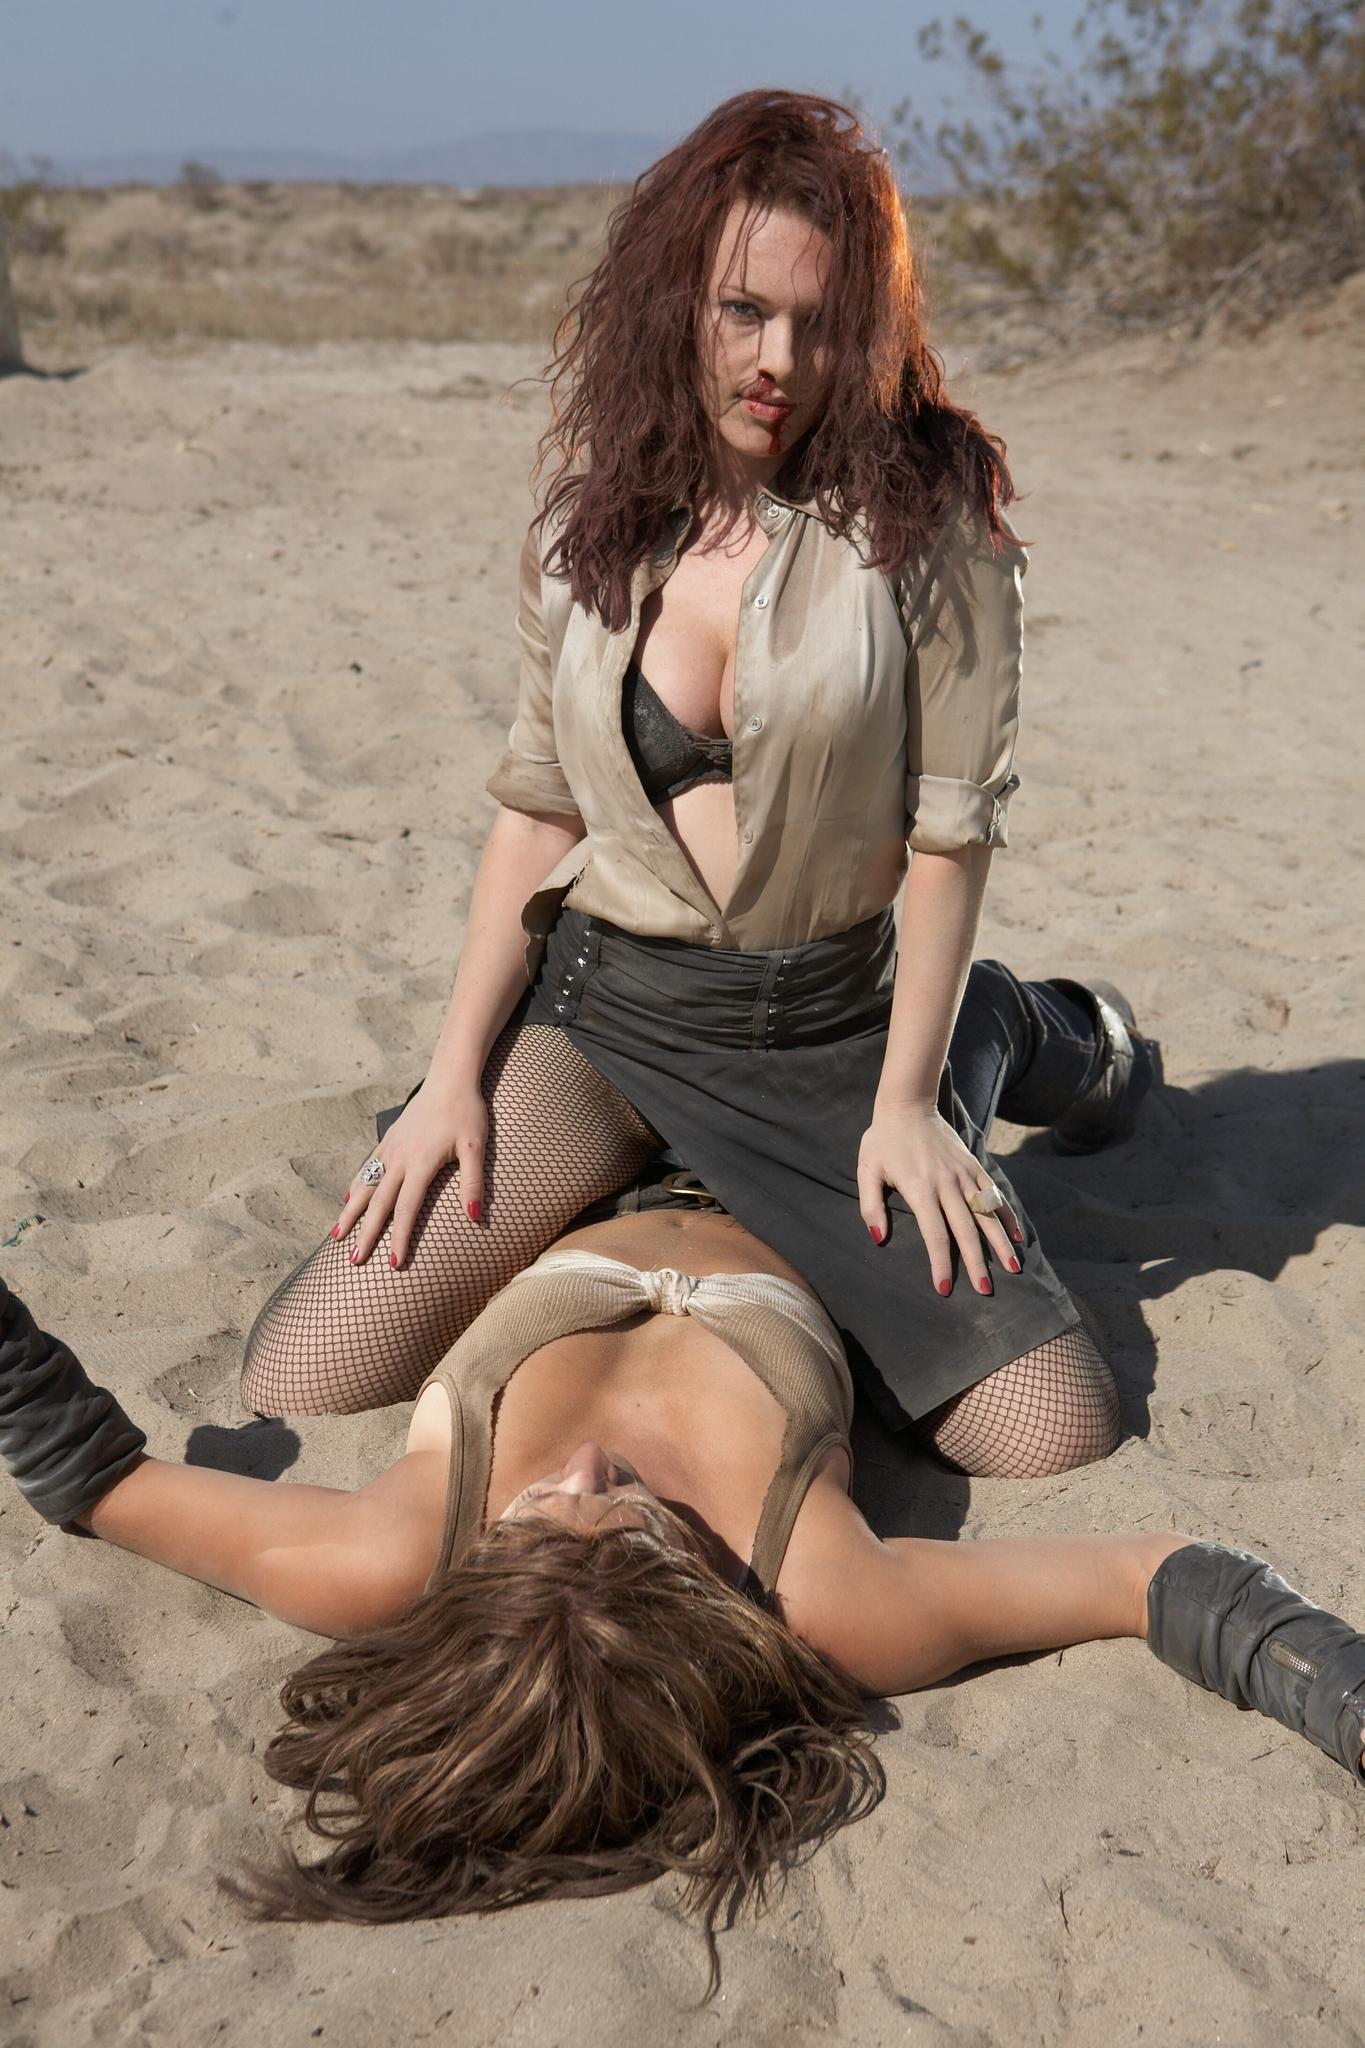 Elizabeth paxton erotica